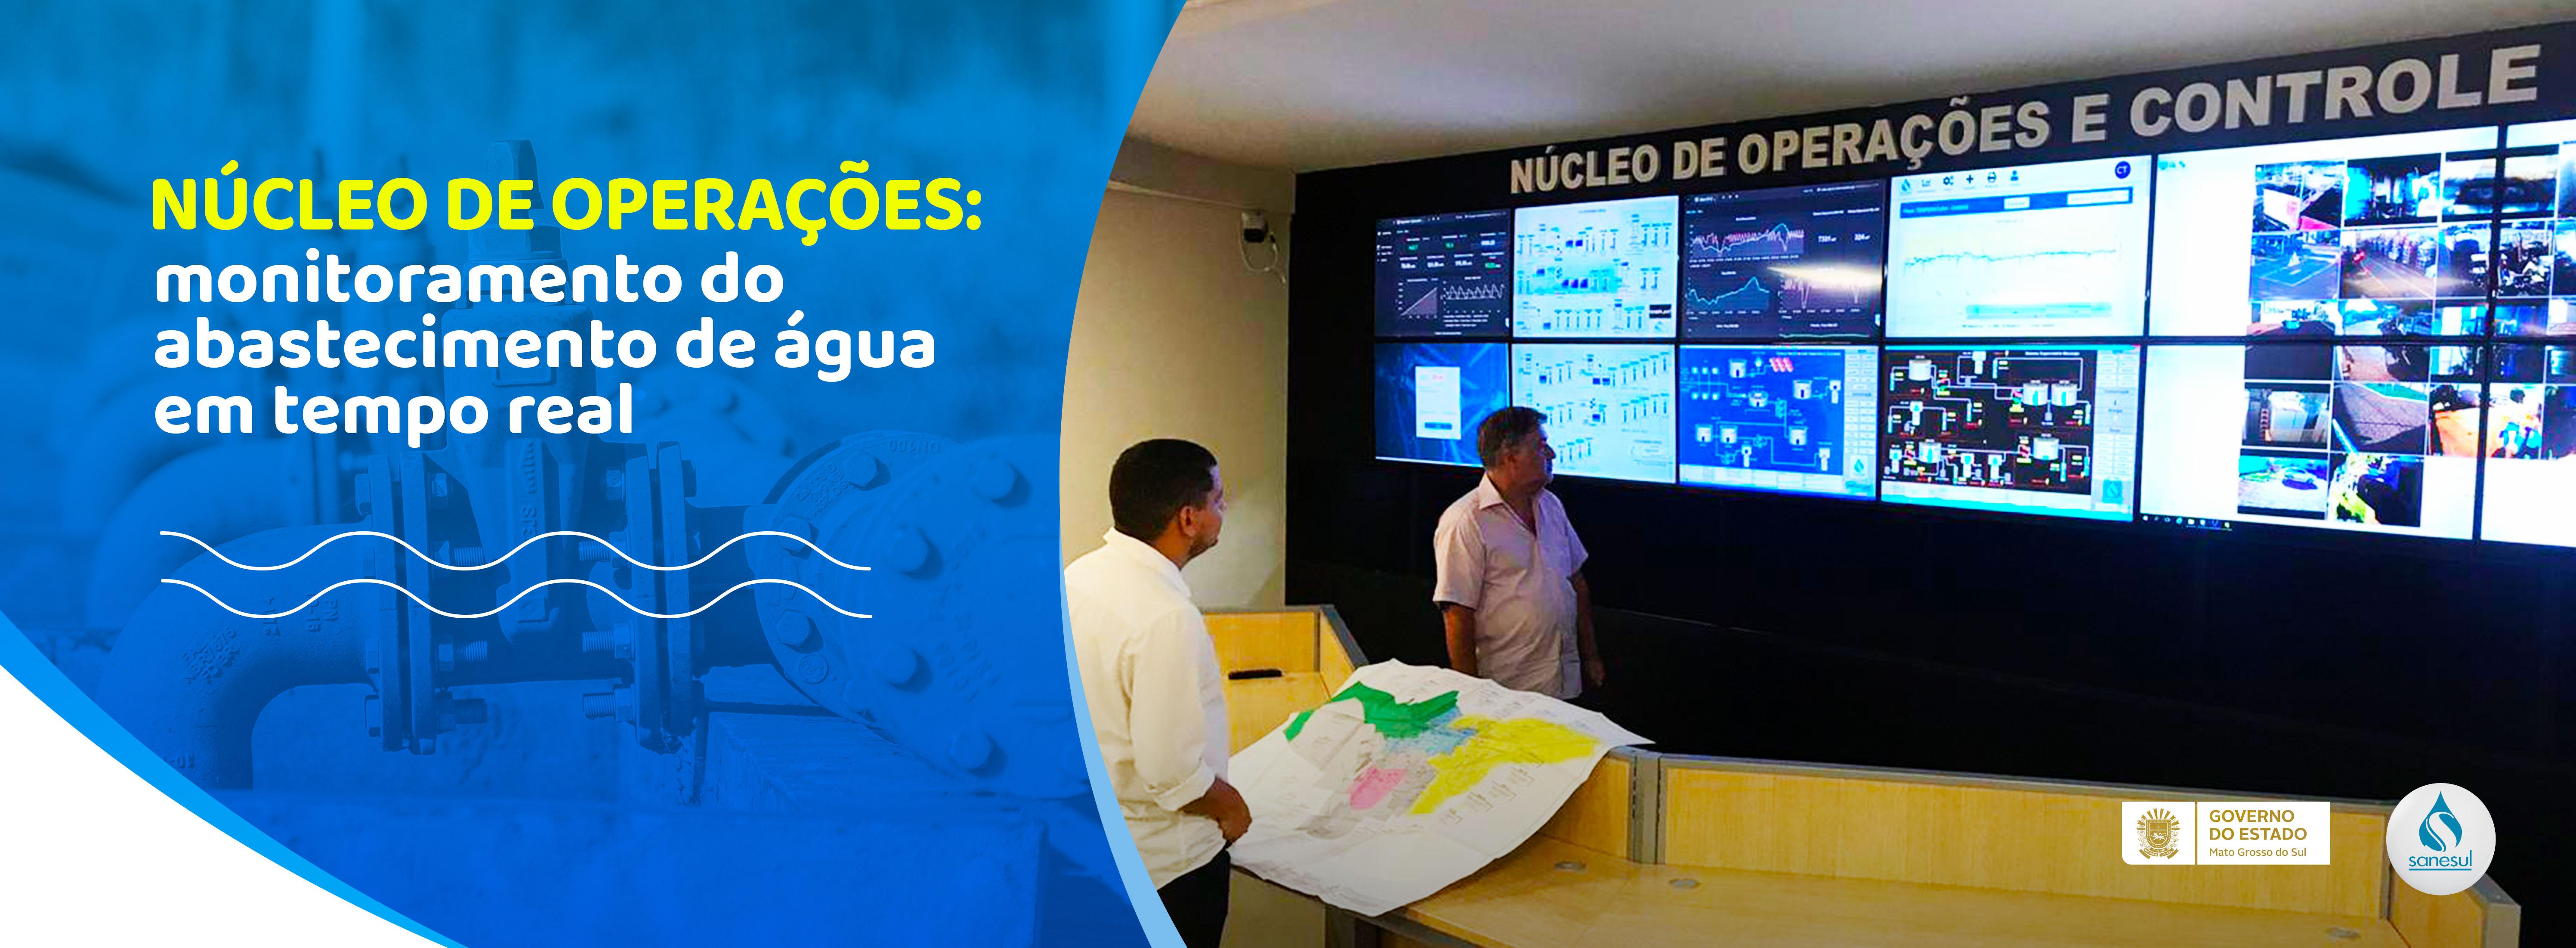 Núcleo de Operações da Sanesul monitora abastecimento de água em tempo real